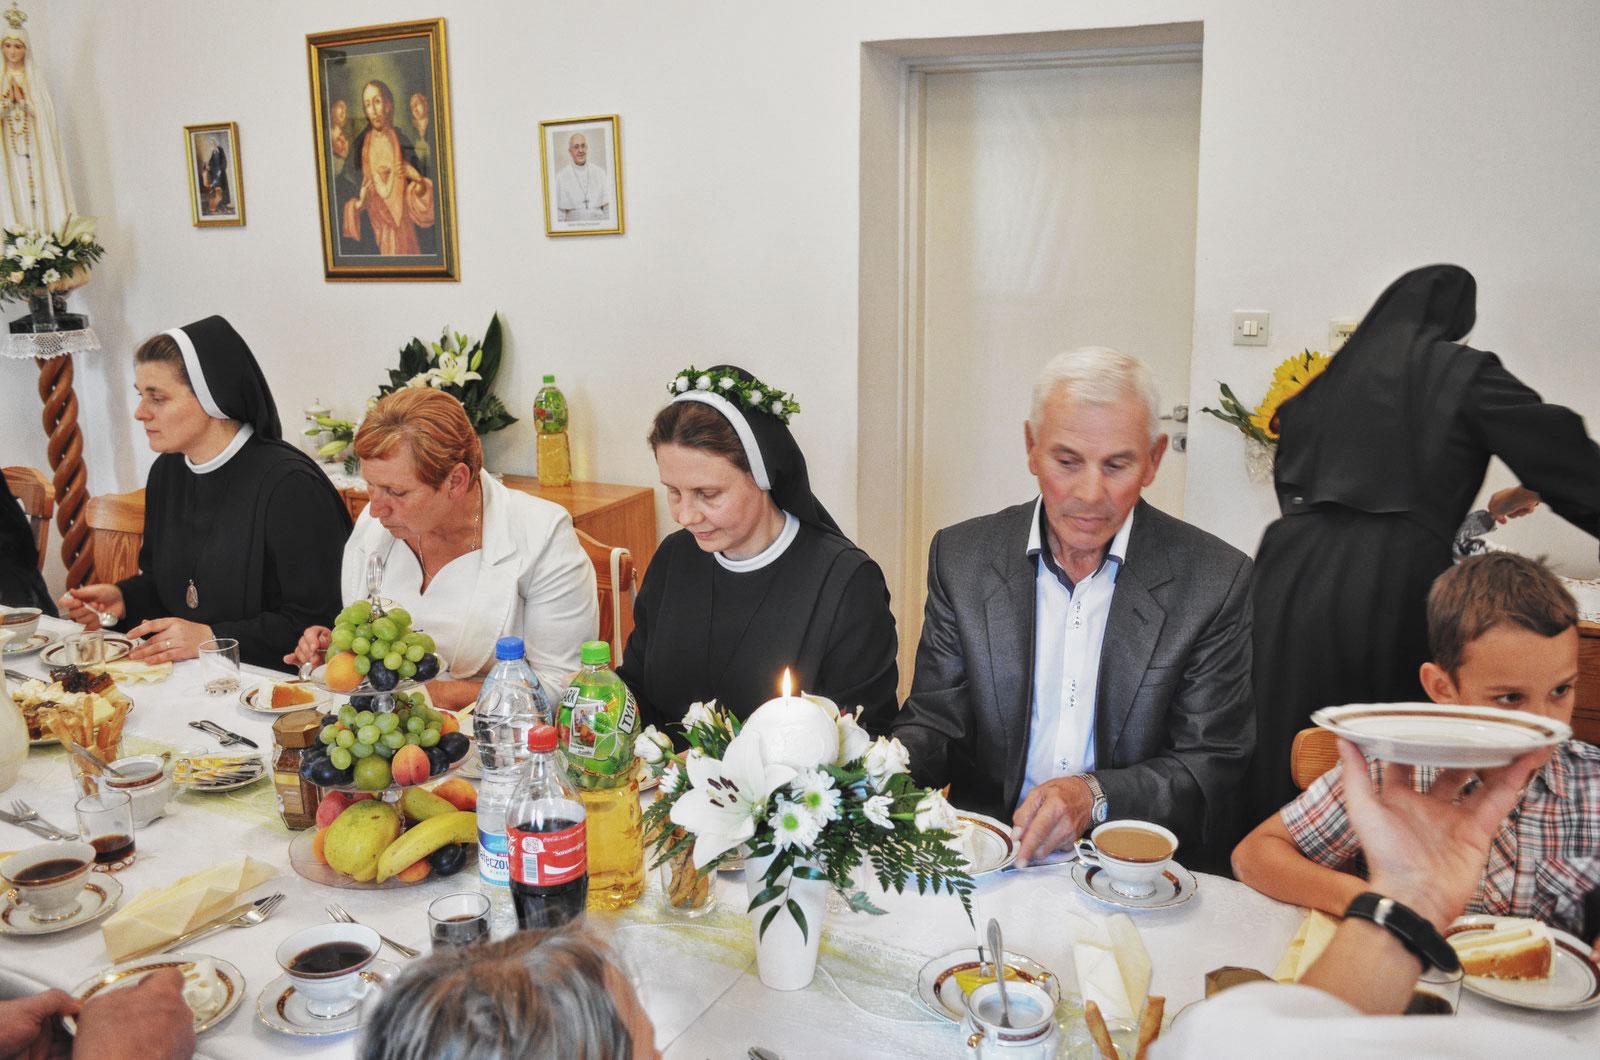 Sióstr_św_Elżbiety-Pierwsze_Śluby_fotorelacja-I-SLUBY-DSC_0637-min.jpg